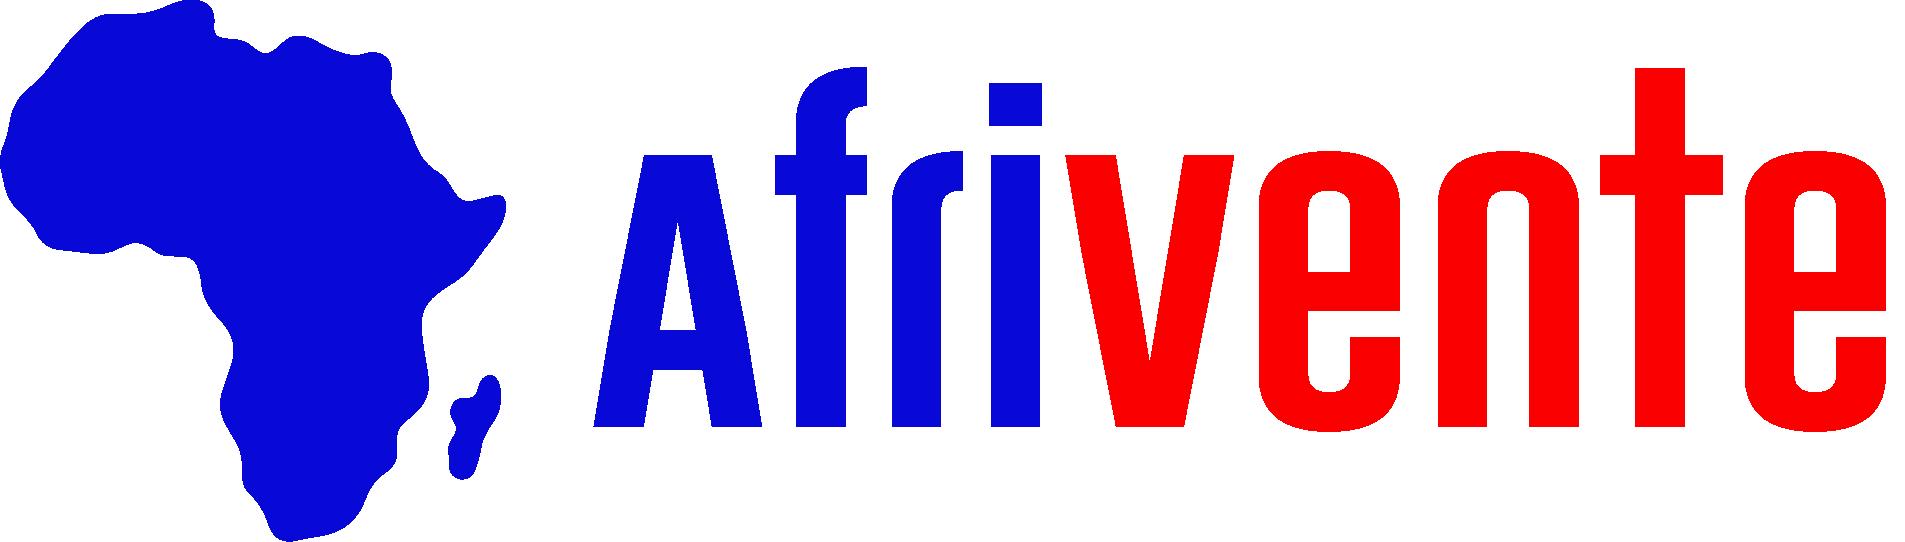 Petites annonces gratuites au Sénégal